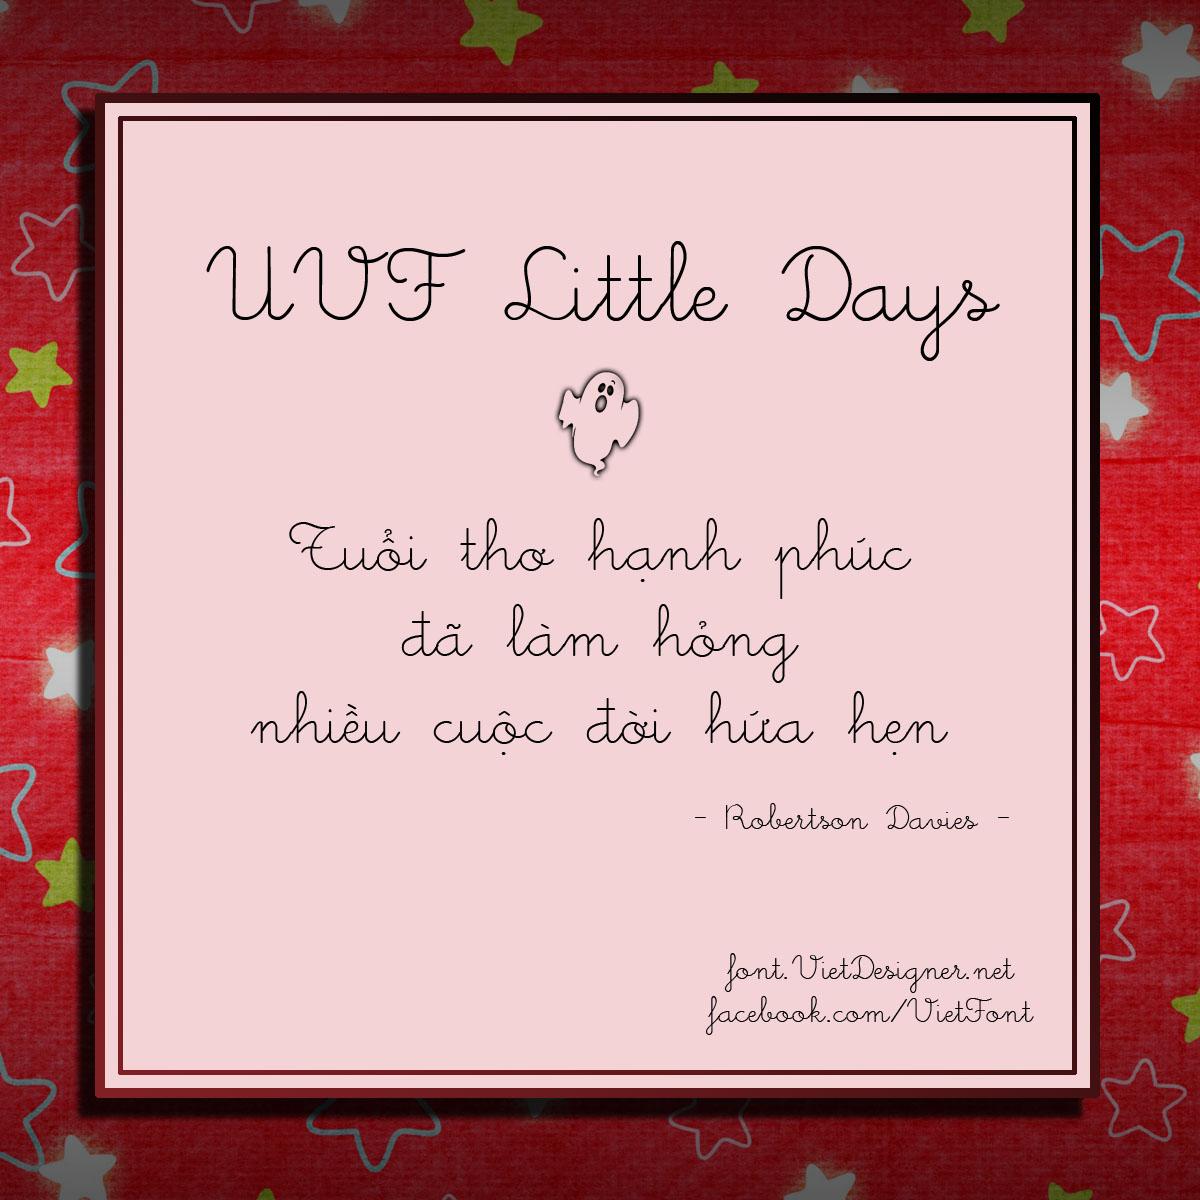 Font: UVF Little Days